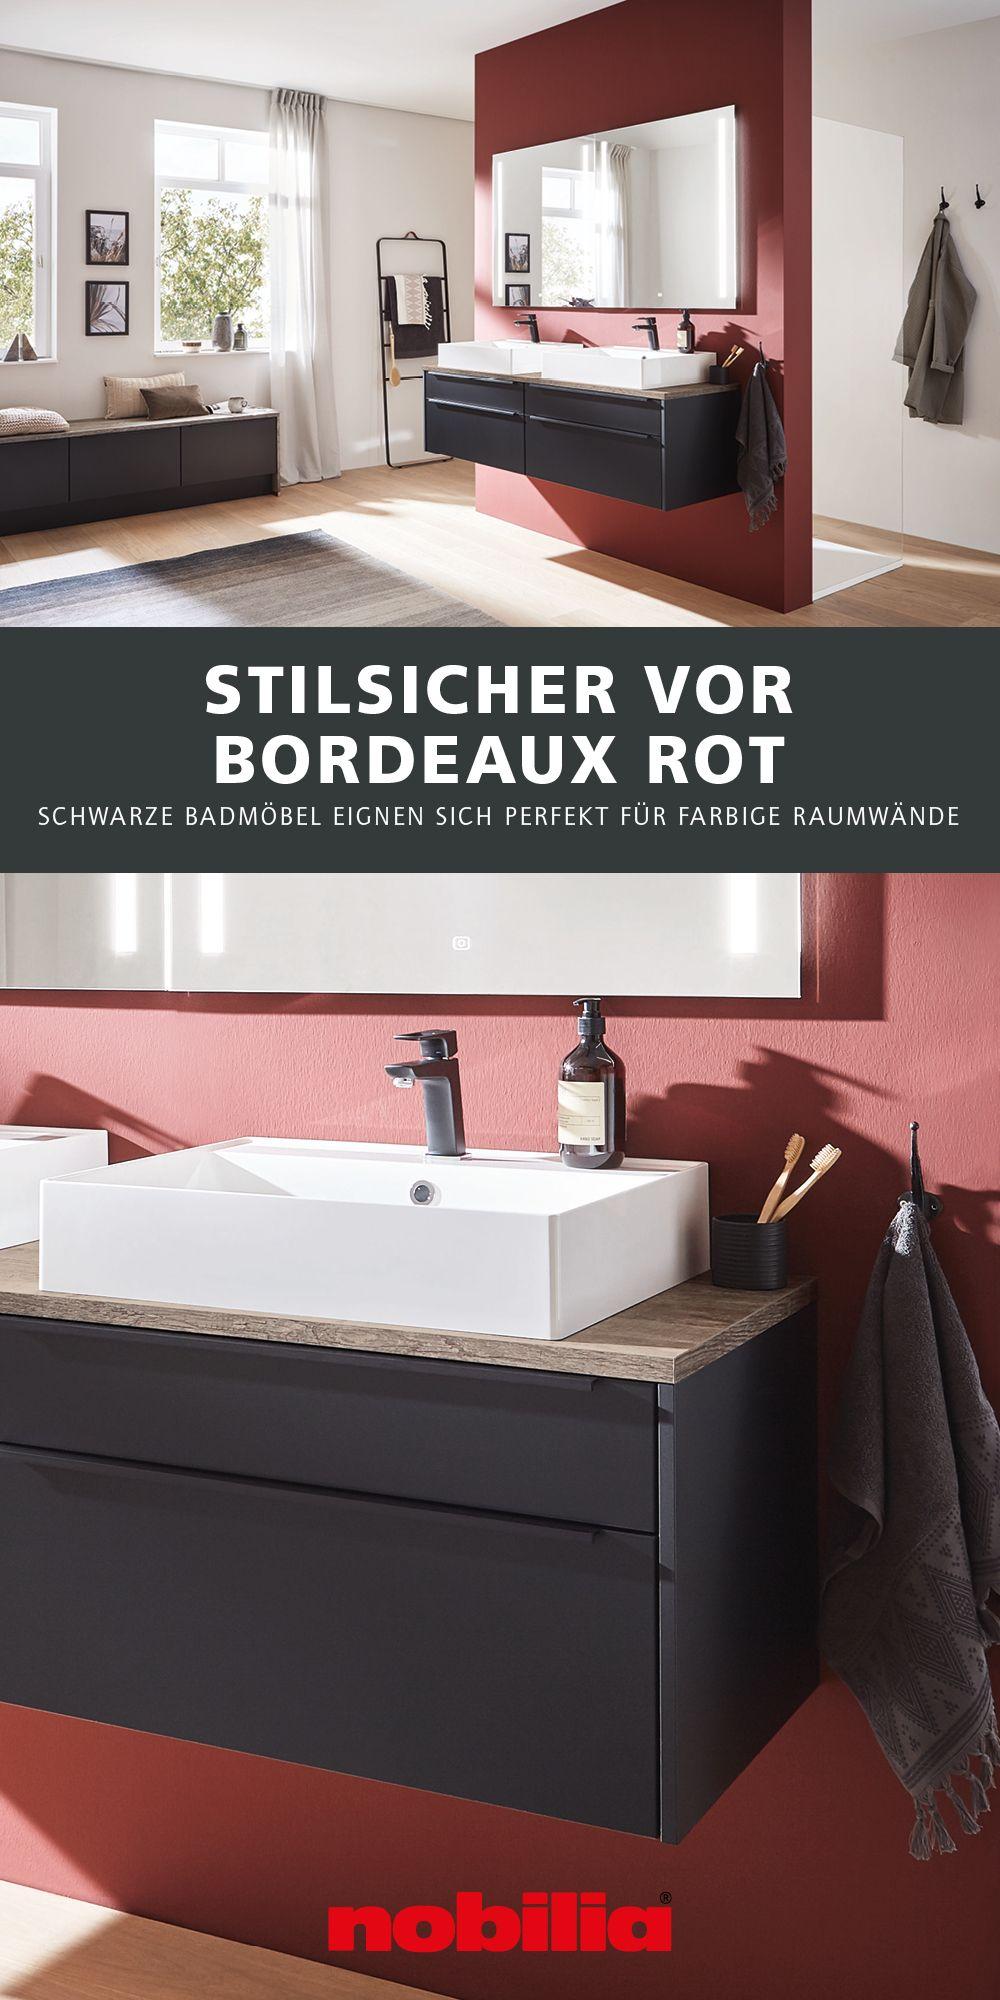 Moderne Badmöbel vor Bordeaux Rot   Moderne badmöbel, Ästhetisches ...